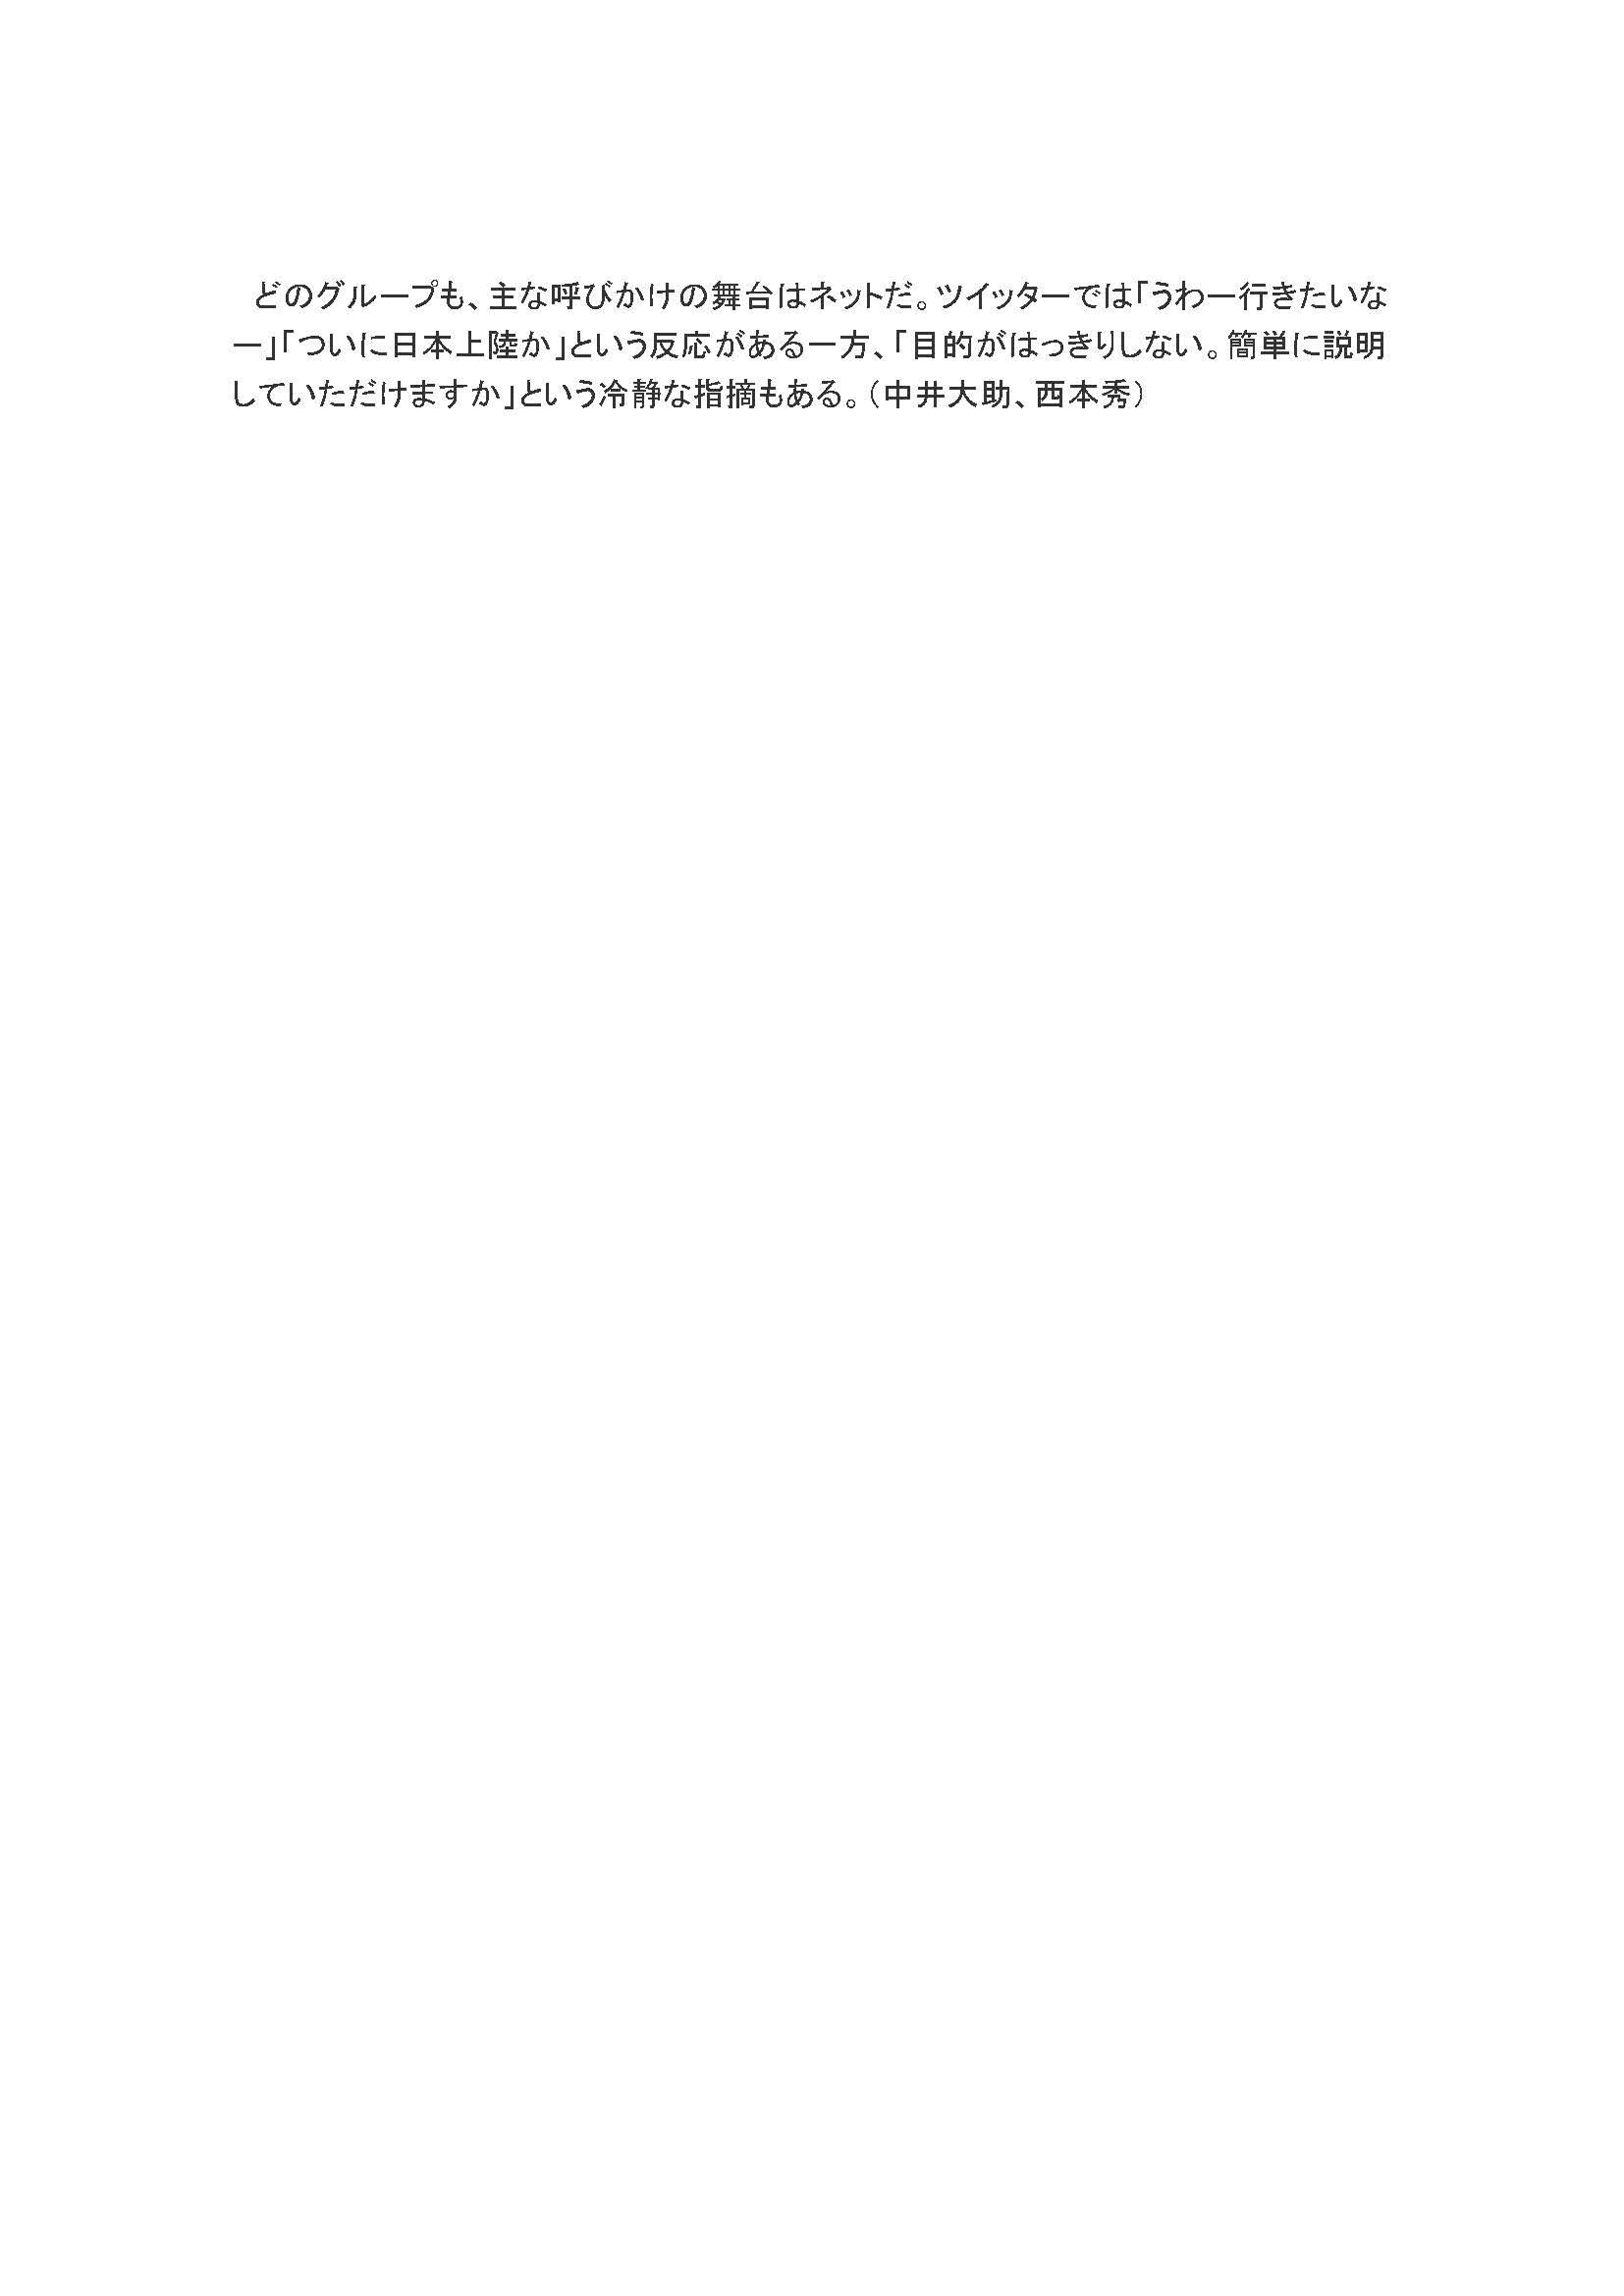 あさひにゅーすニュース_ページ_3